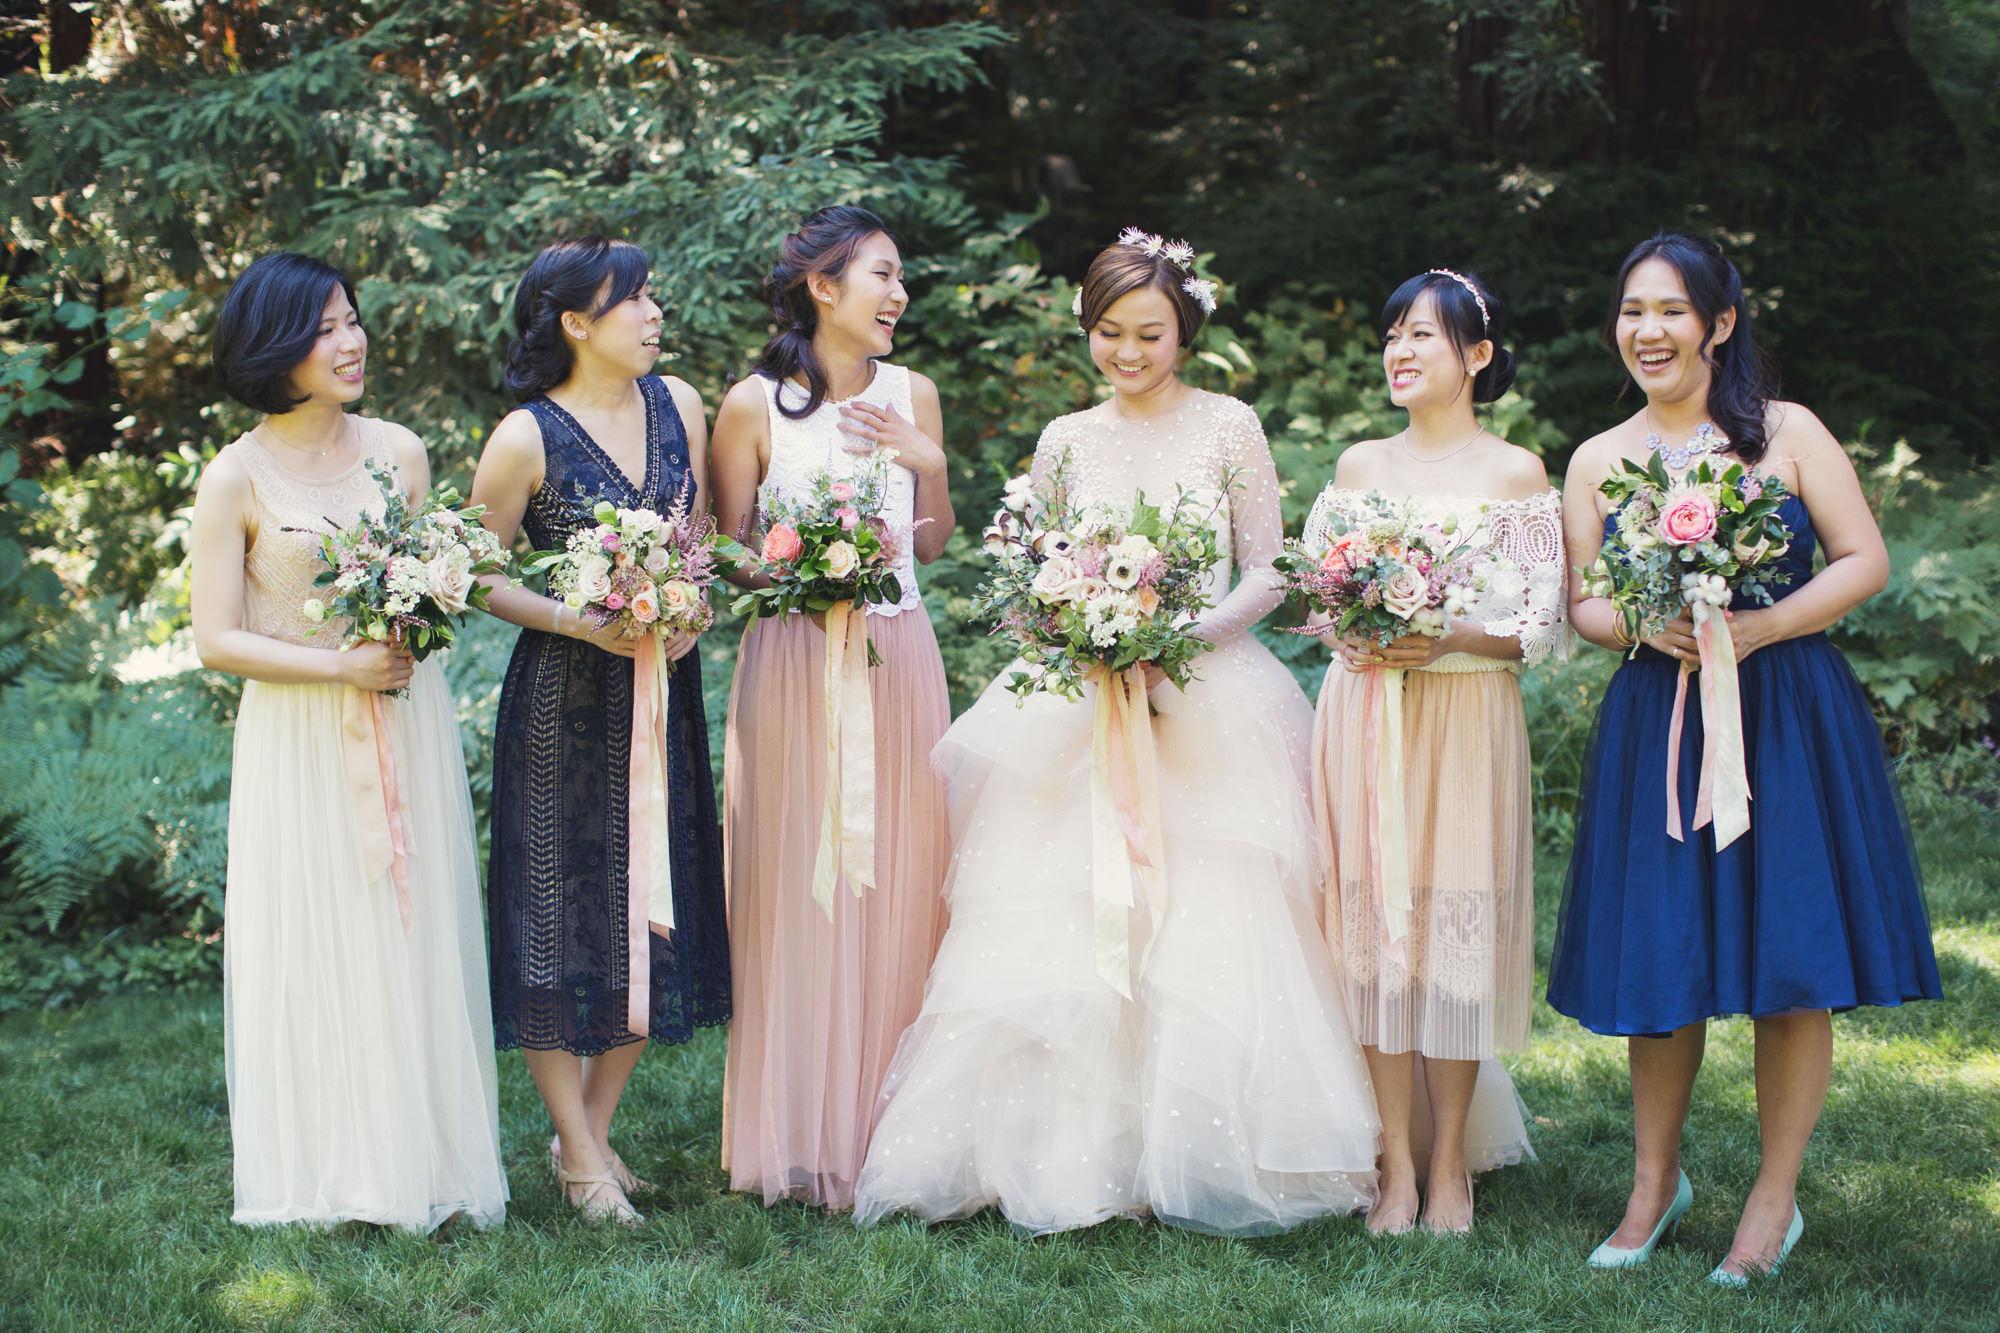 Fairytale Wedding in Nestldown ©Anne-Claire Brun 0025